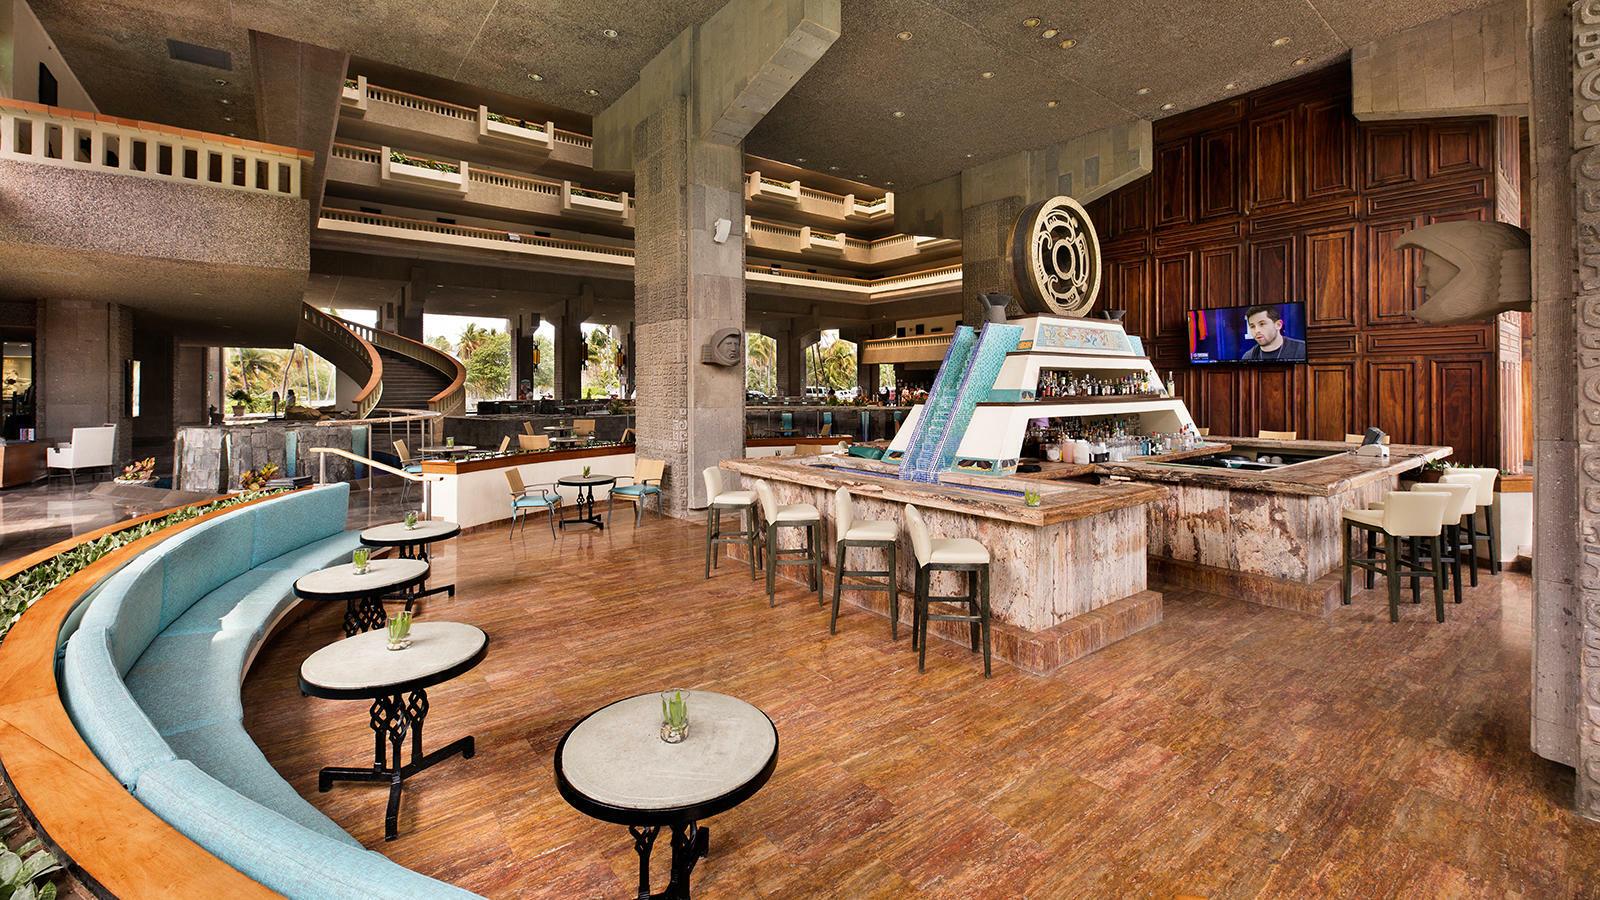 Indoor seating area at Laguna Bar in Mundo Imperial